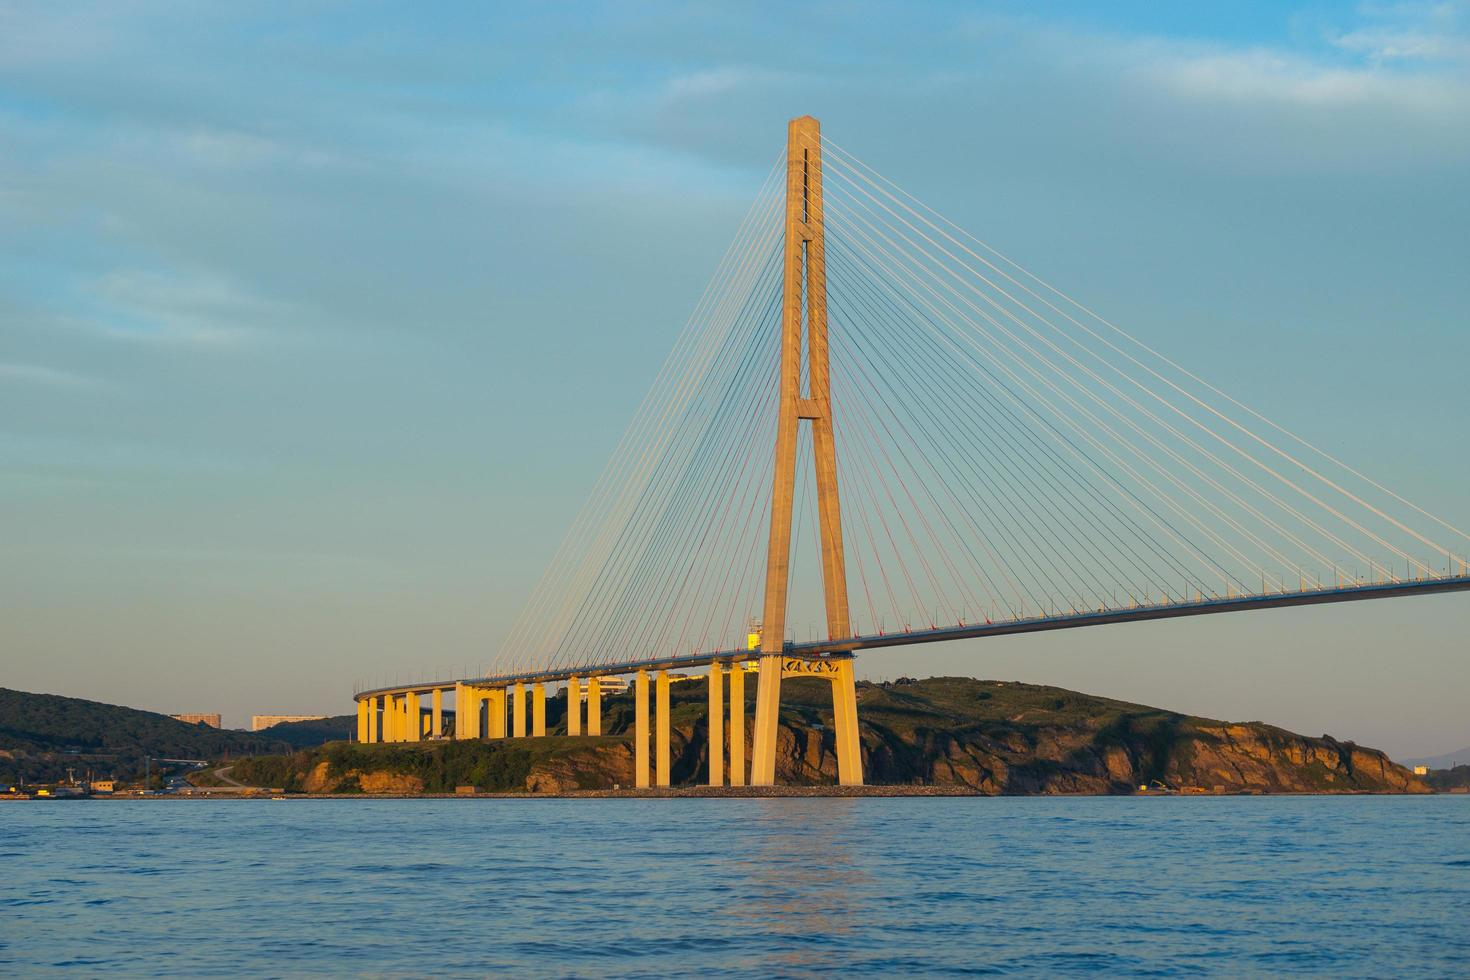 Paysage marin de la baie de la corne d'or et le pont de zolotoy avec ciel bleu nuageux à Vladivostok, Russie photo